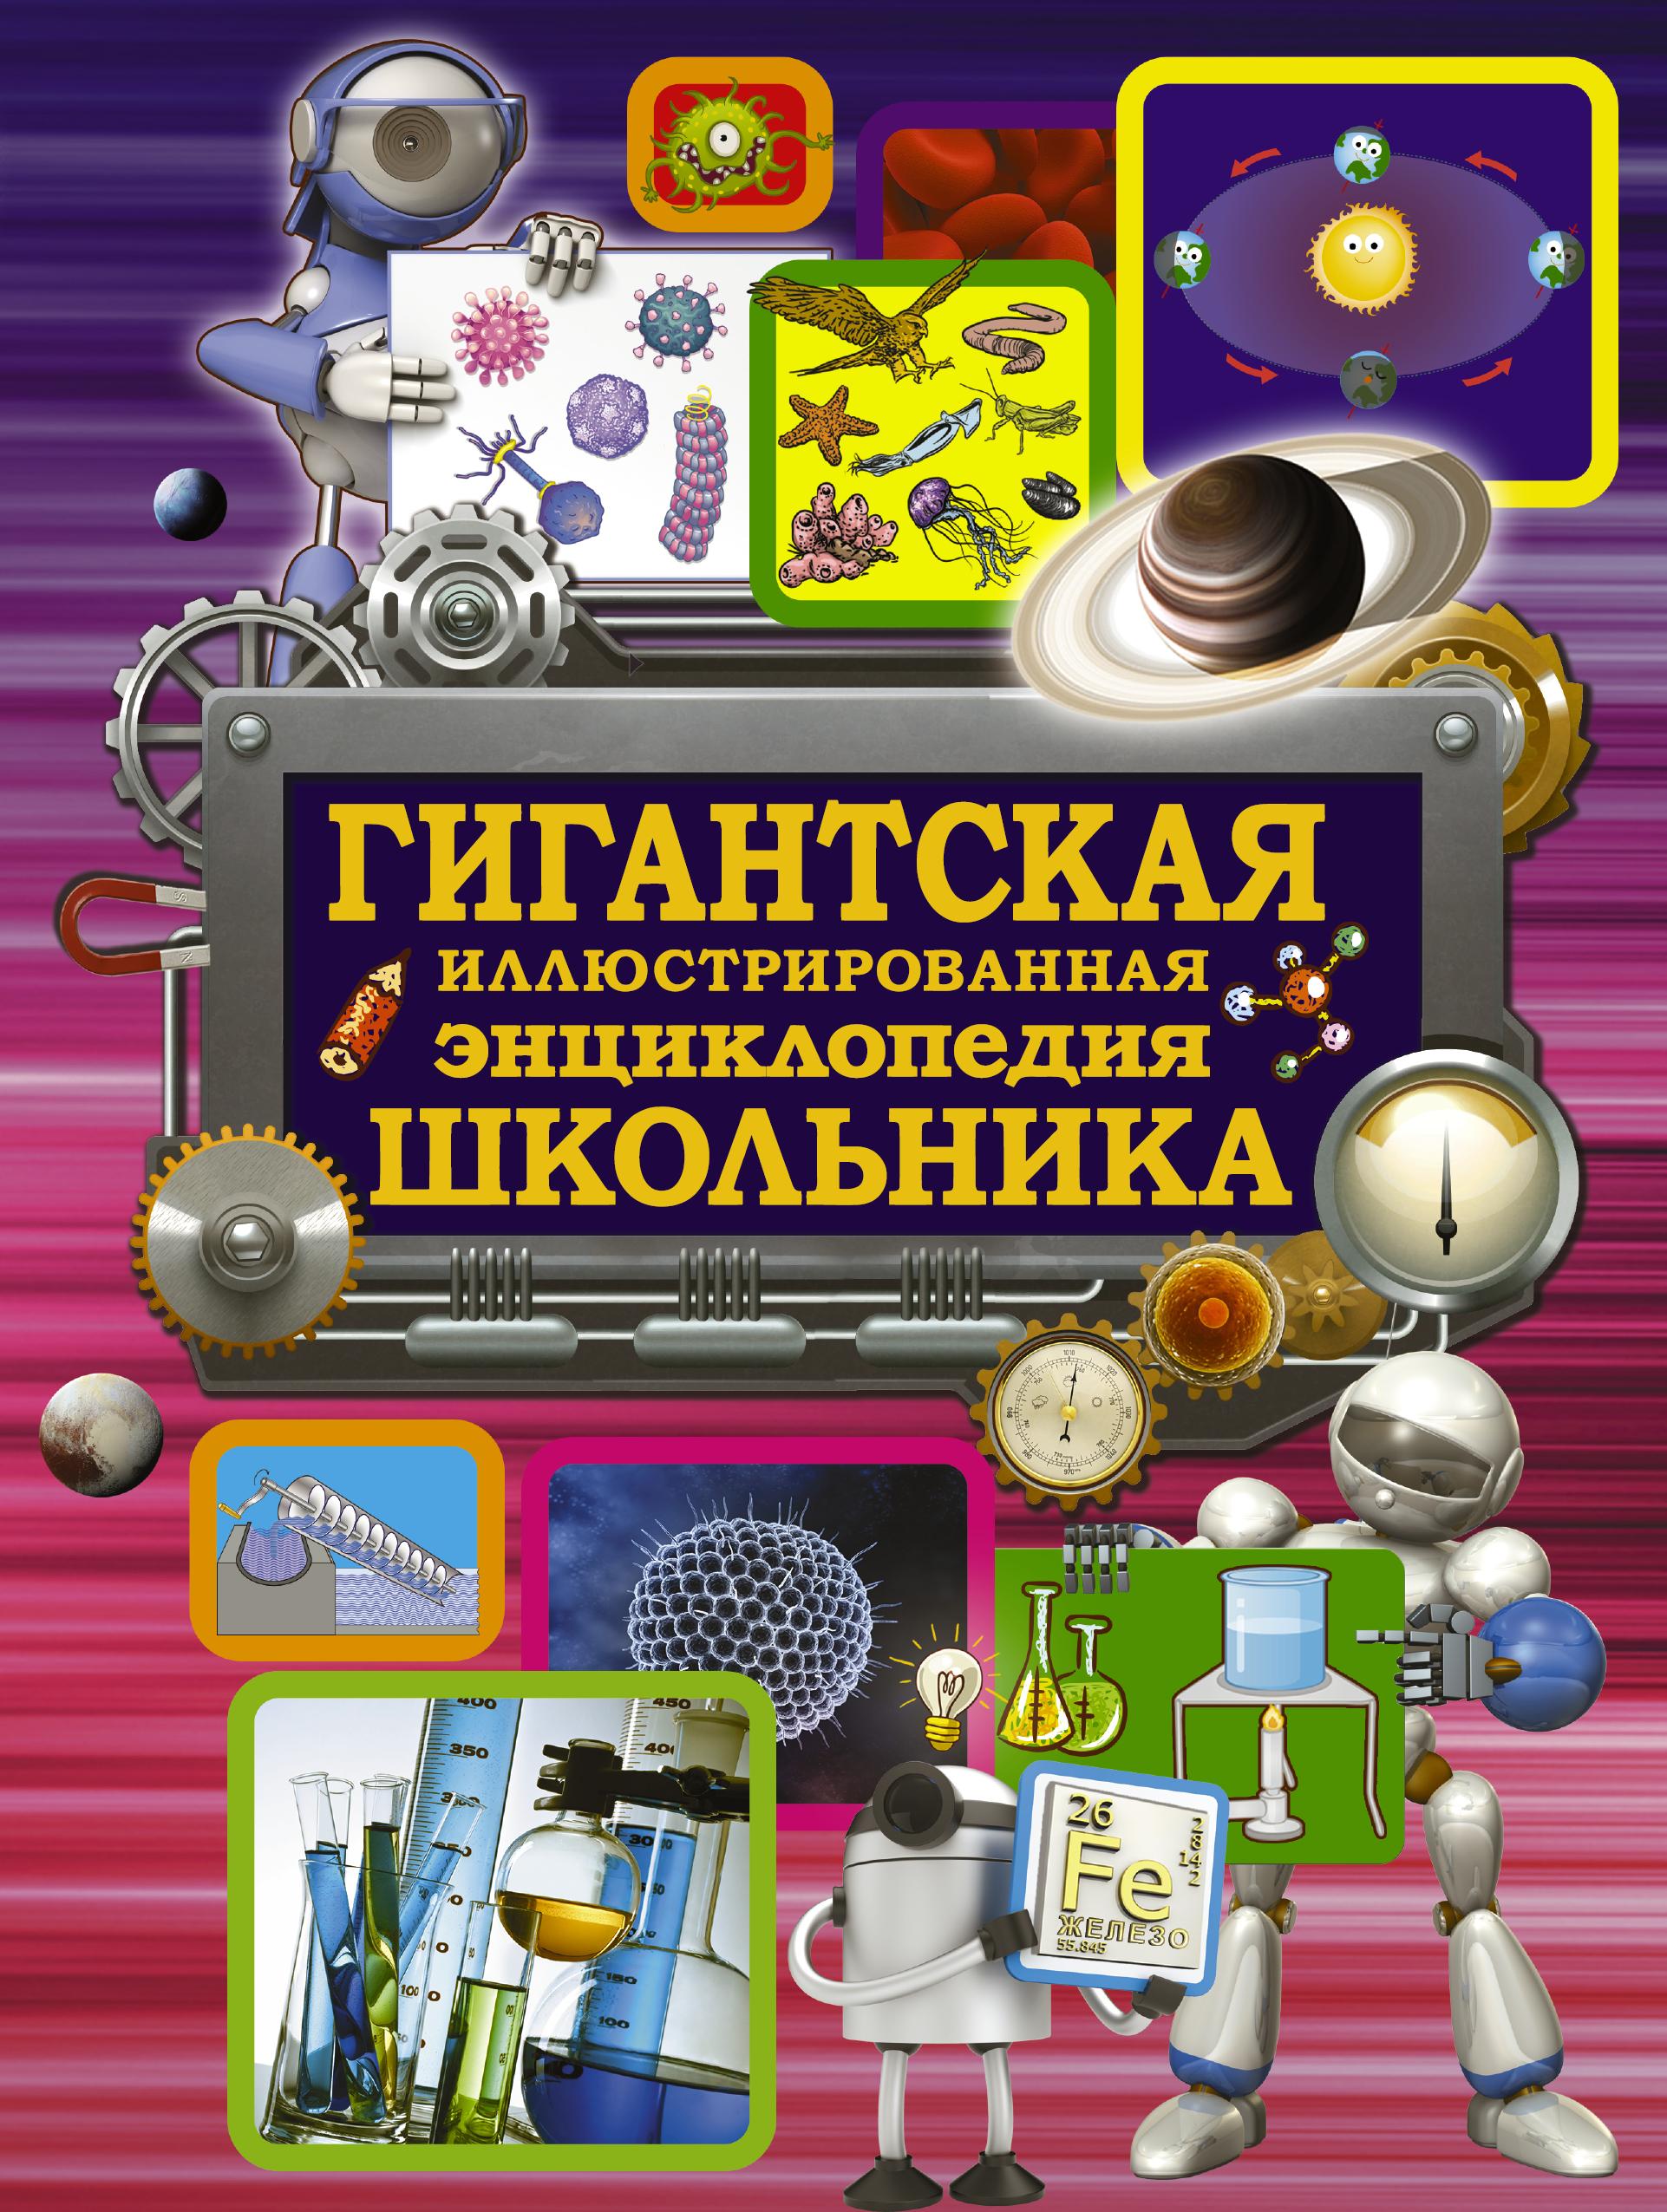 . Гигантская иллюстрированная энциклопедия школьника